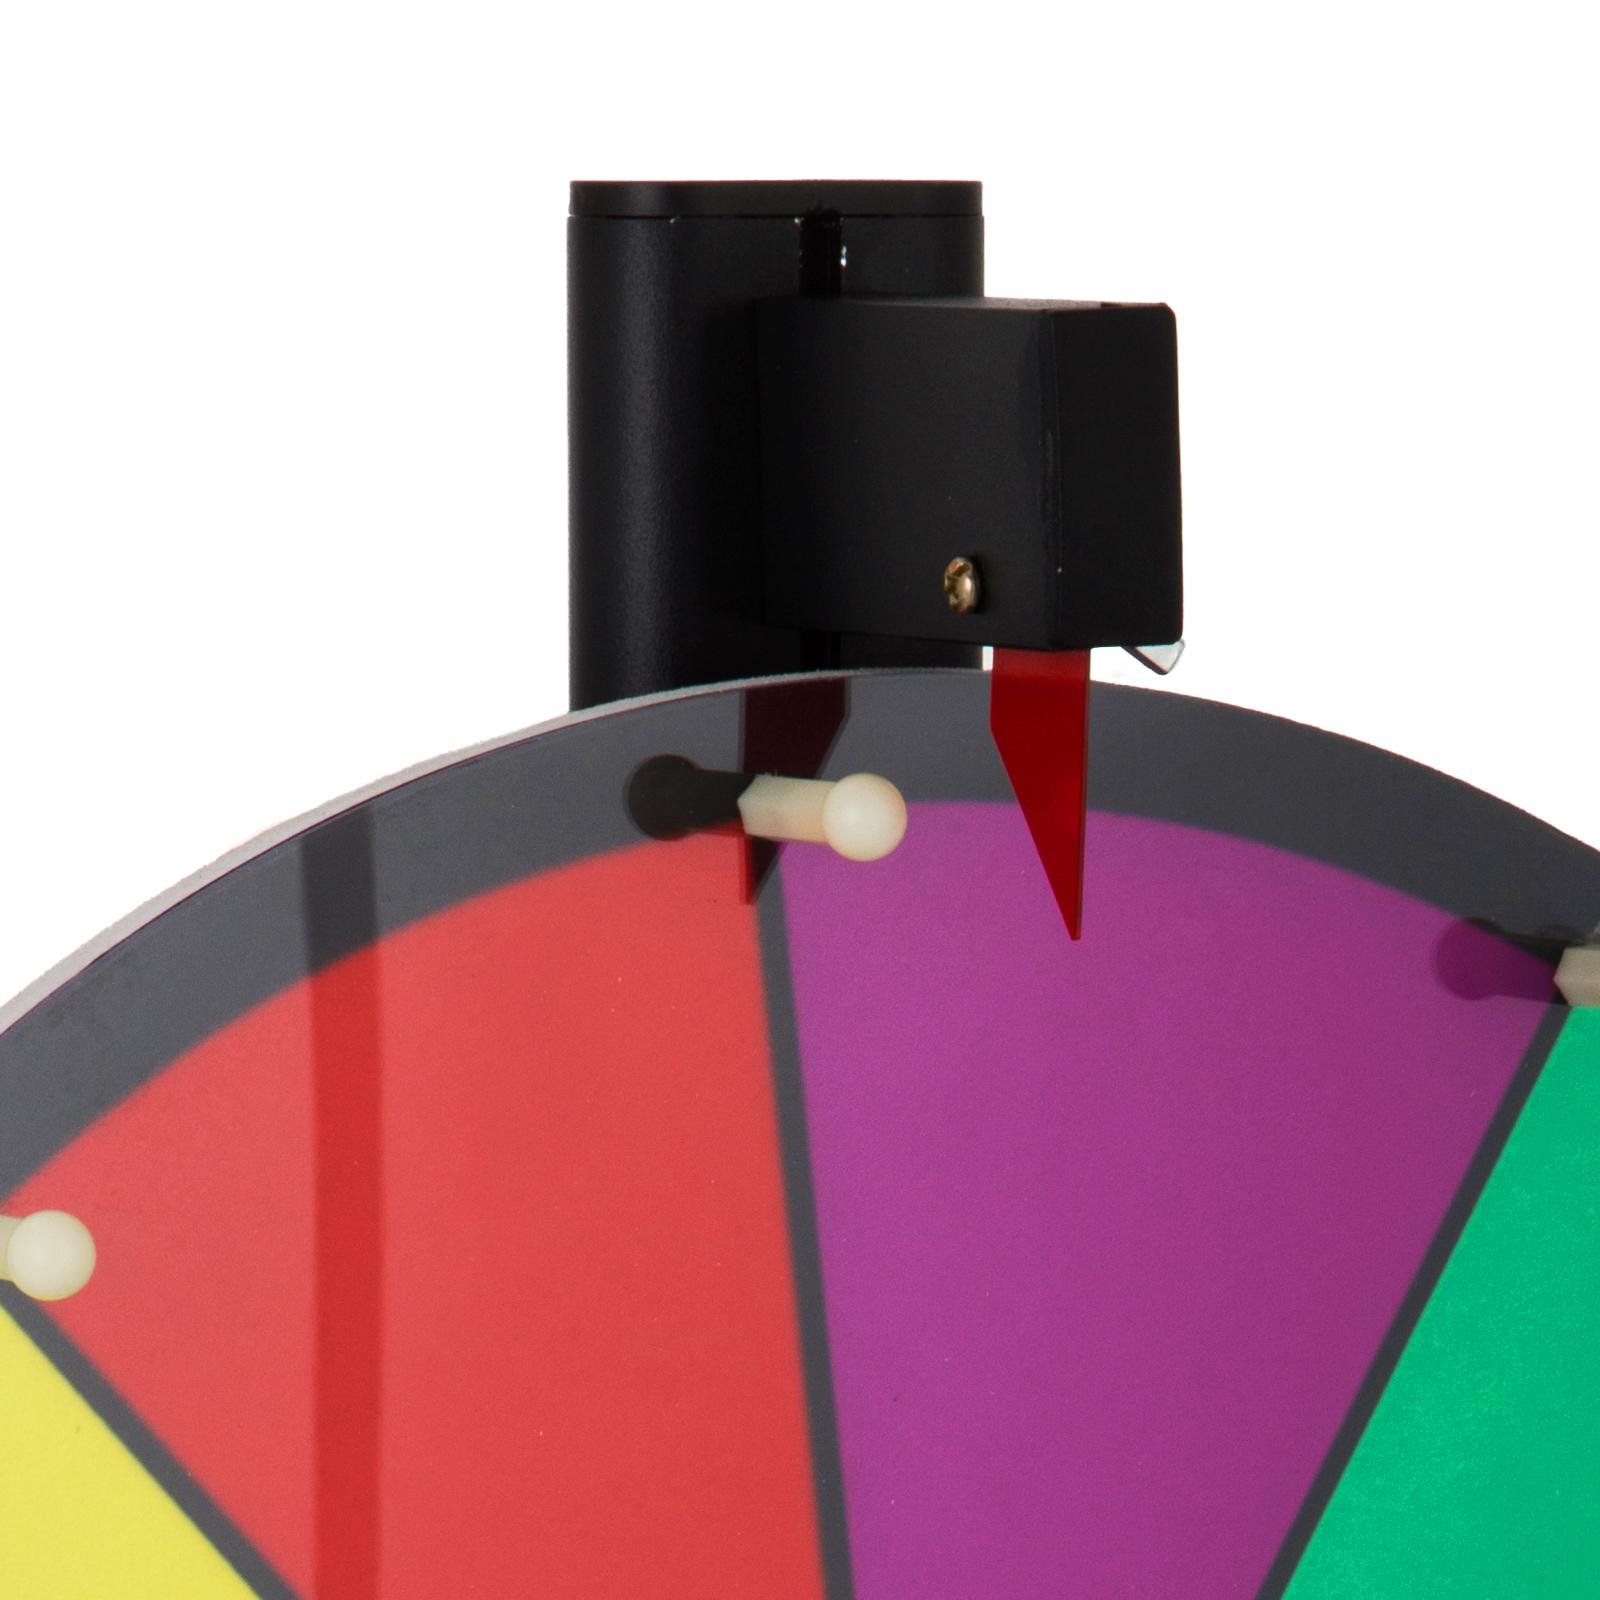 24-18-15-Ruota-Della-Fortuna-di-Colore-14-Slots-Gioco-Spin-Con-Supporto-Festa miniatura 19